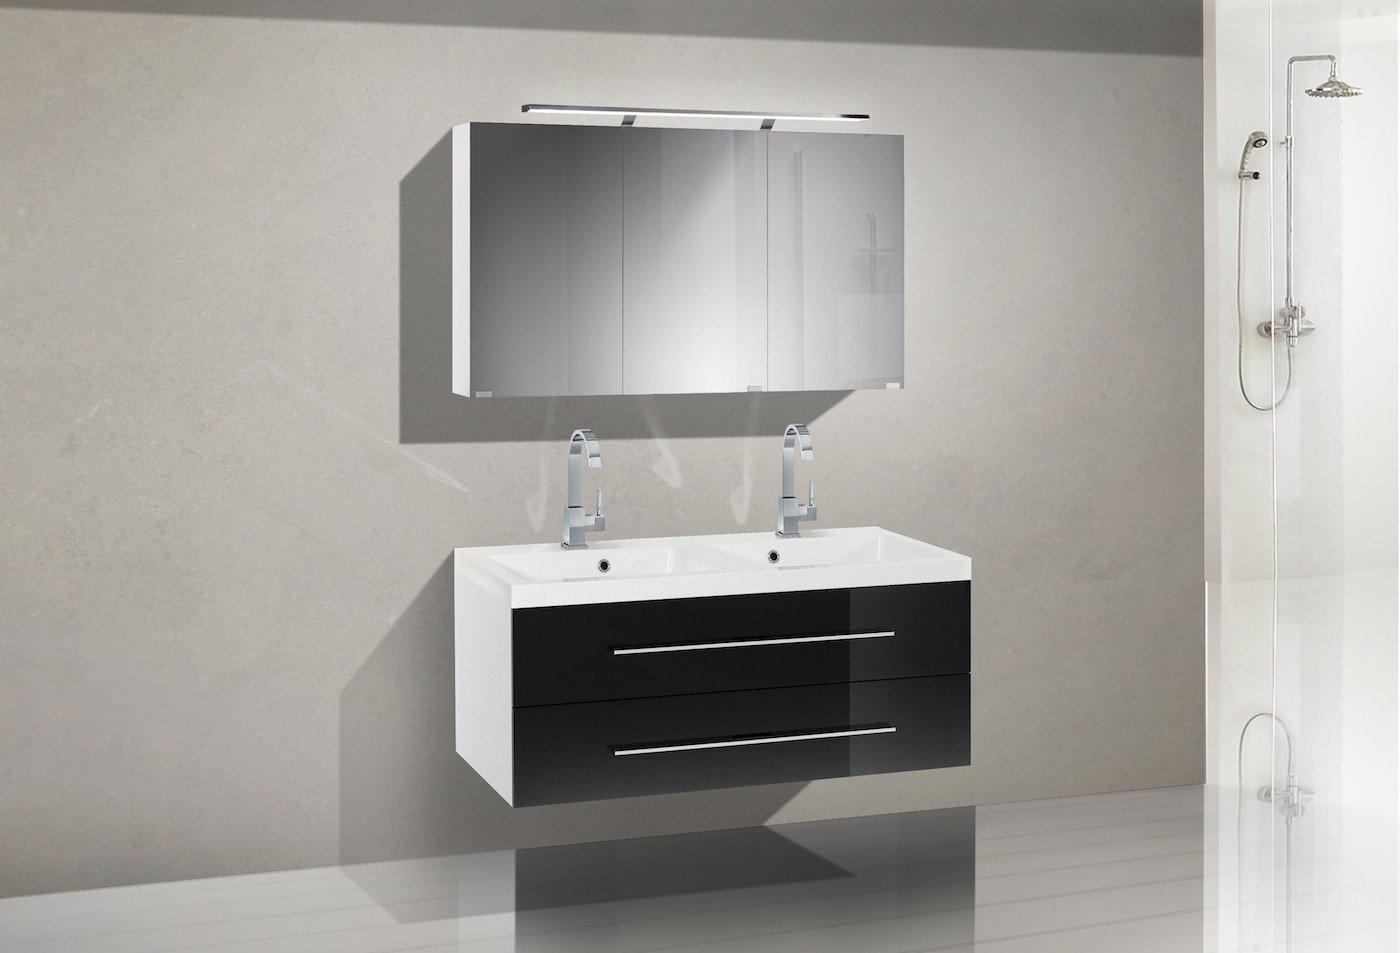 Badmöbel Set mit Doppelwaschtisch 120 cm und Spiegelschrank